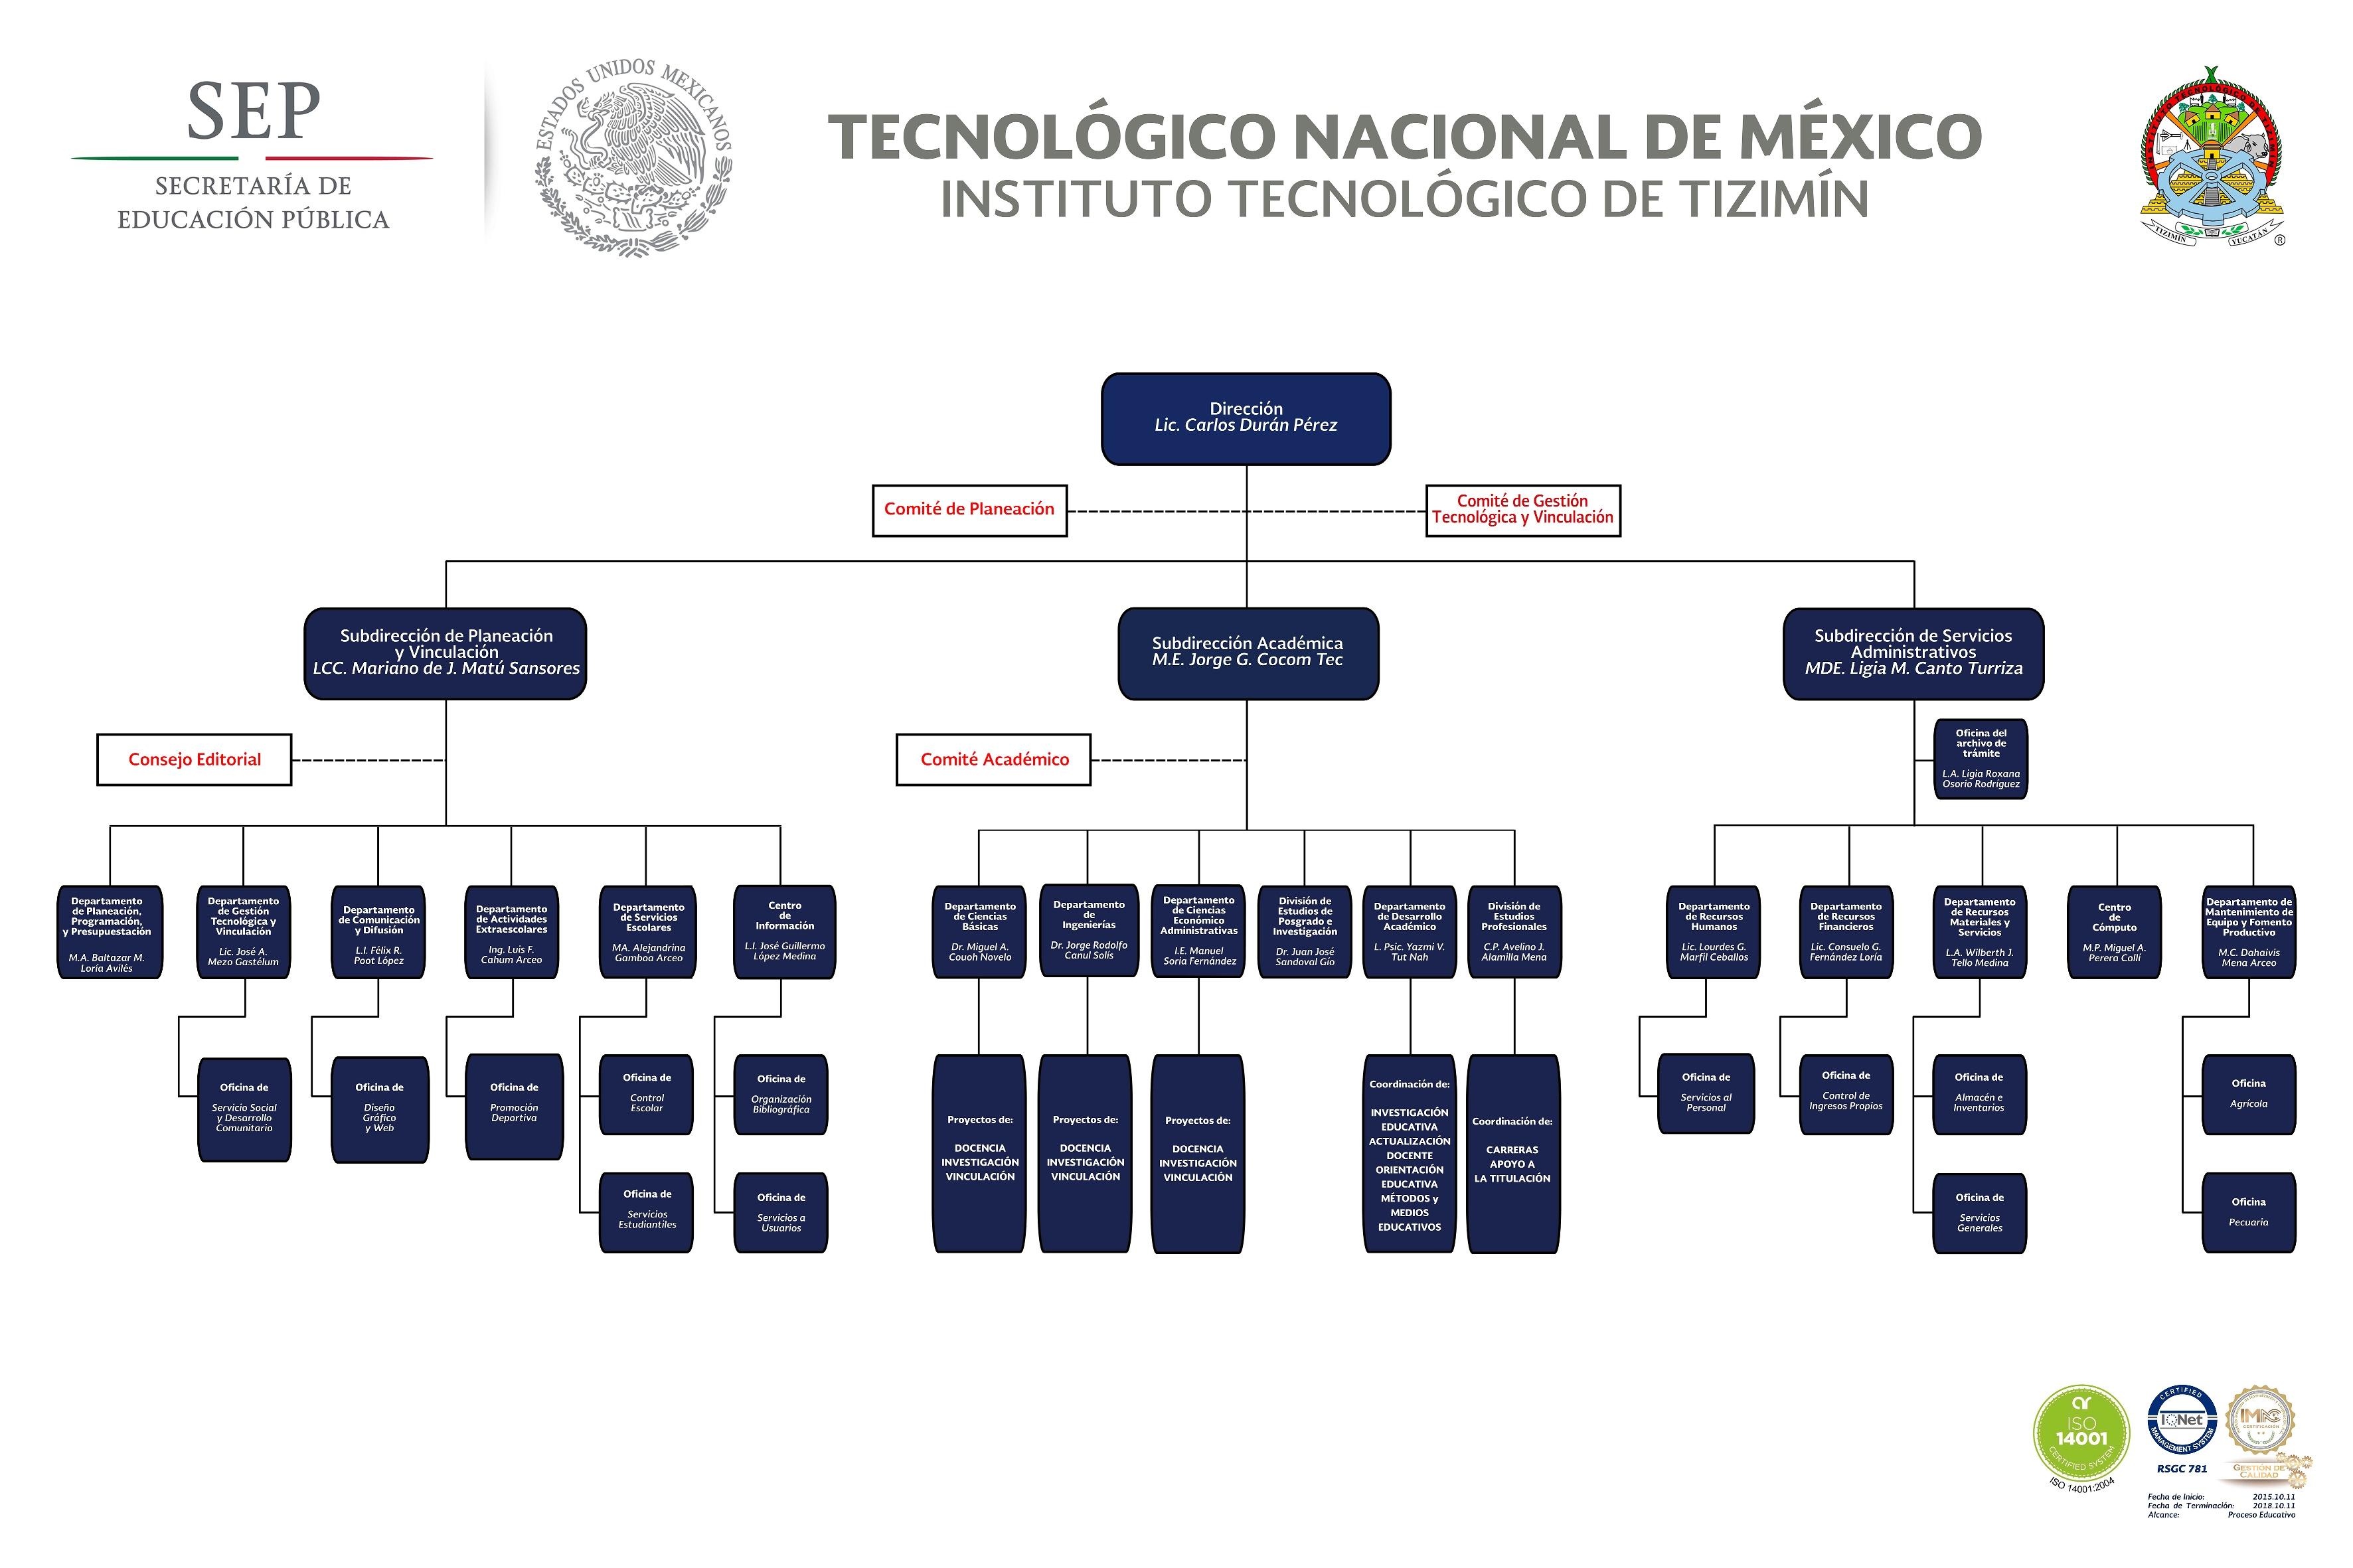 organigrama 2017